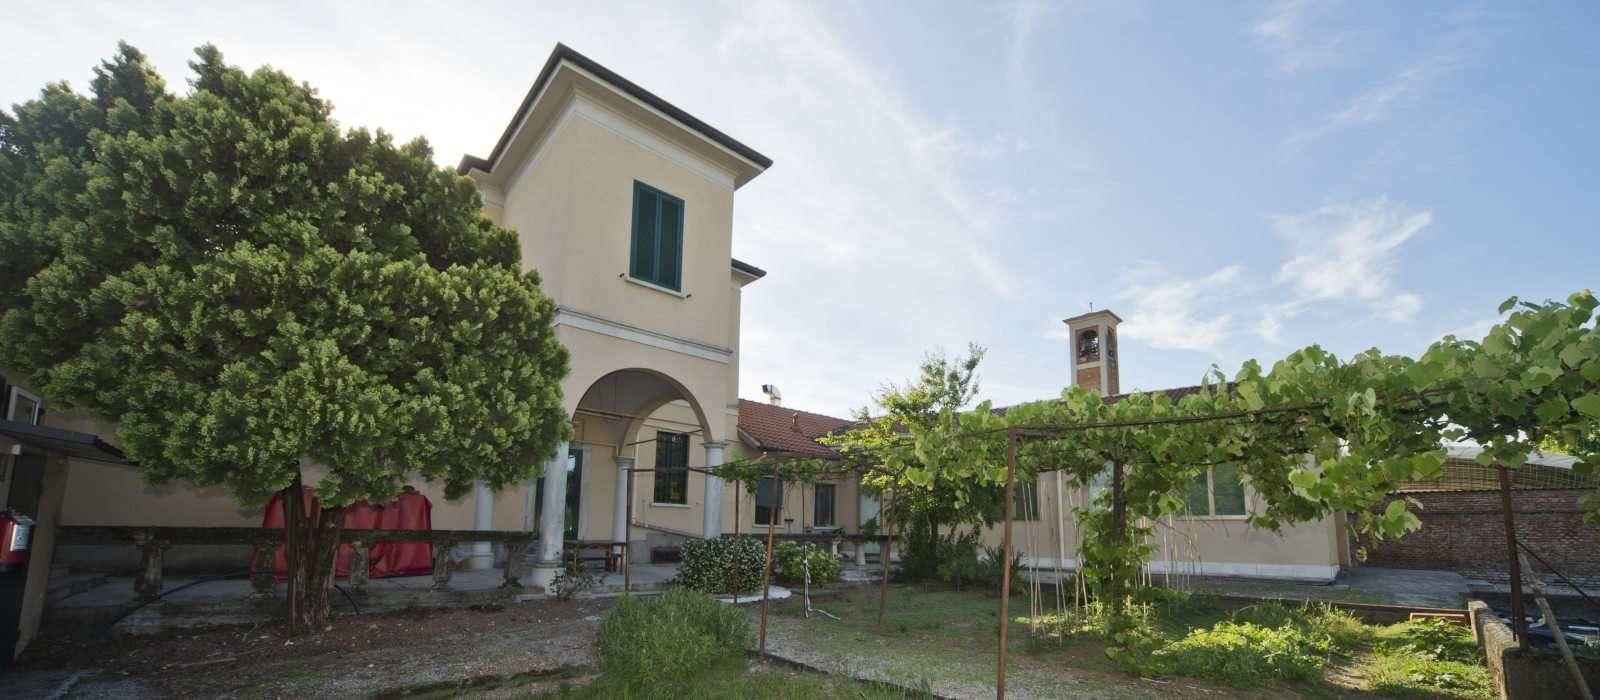 045 D4C 5593 Ridotte - Scuola Materna Peschiera Borromeo